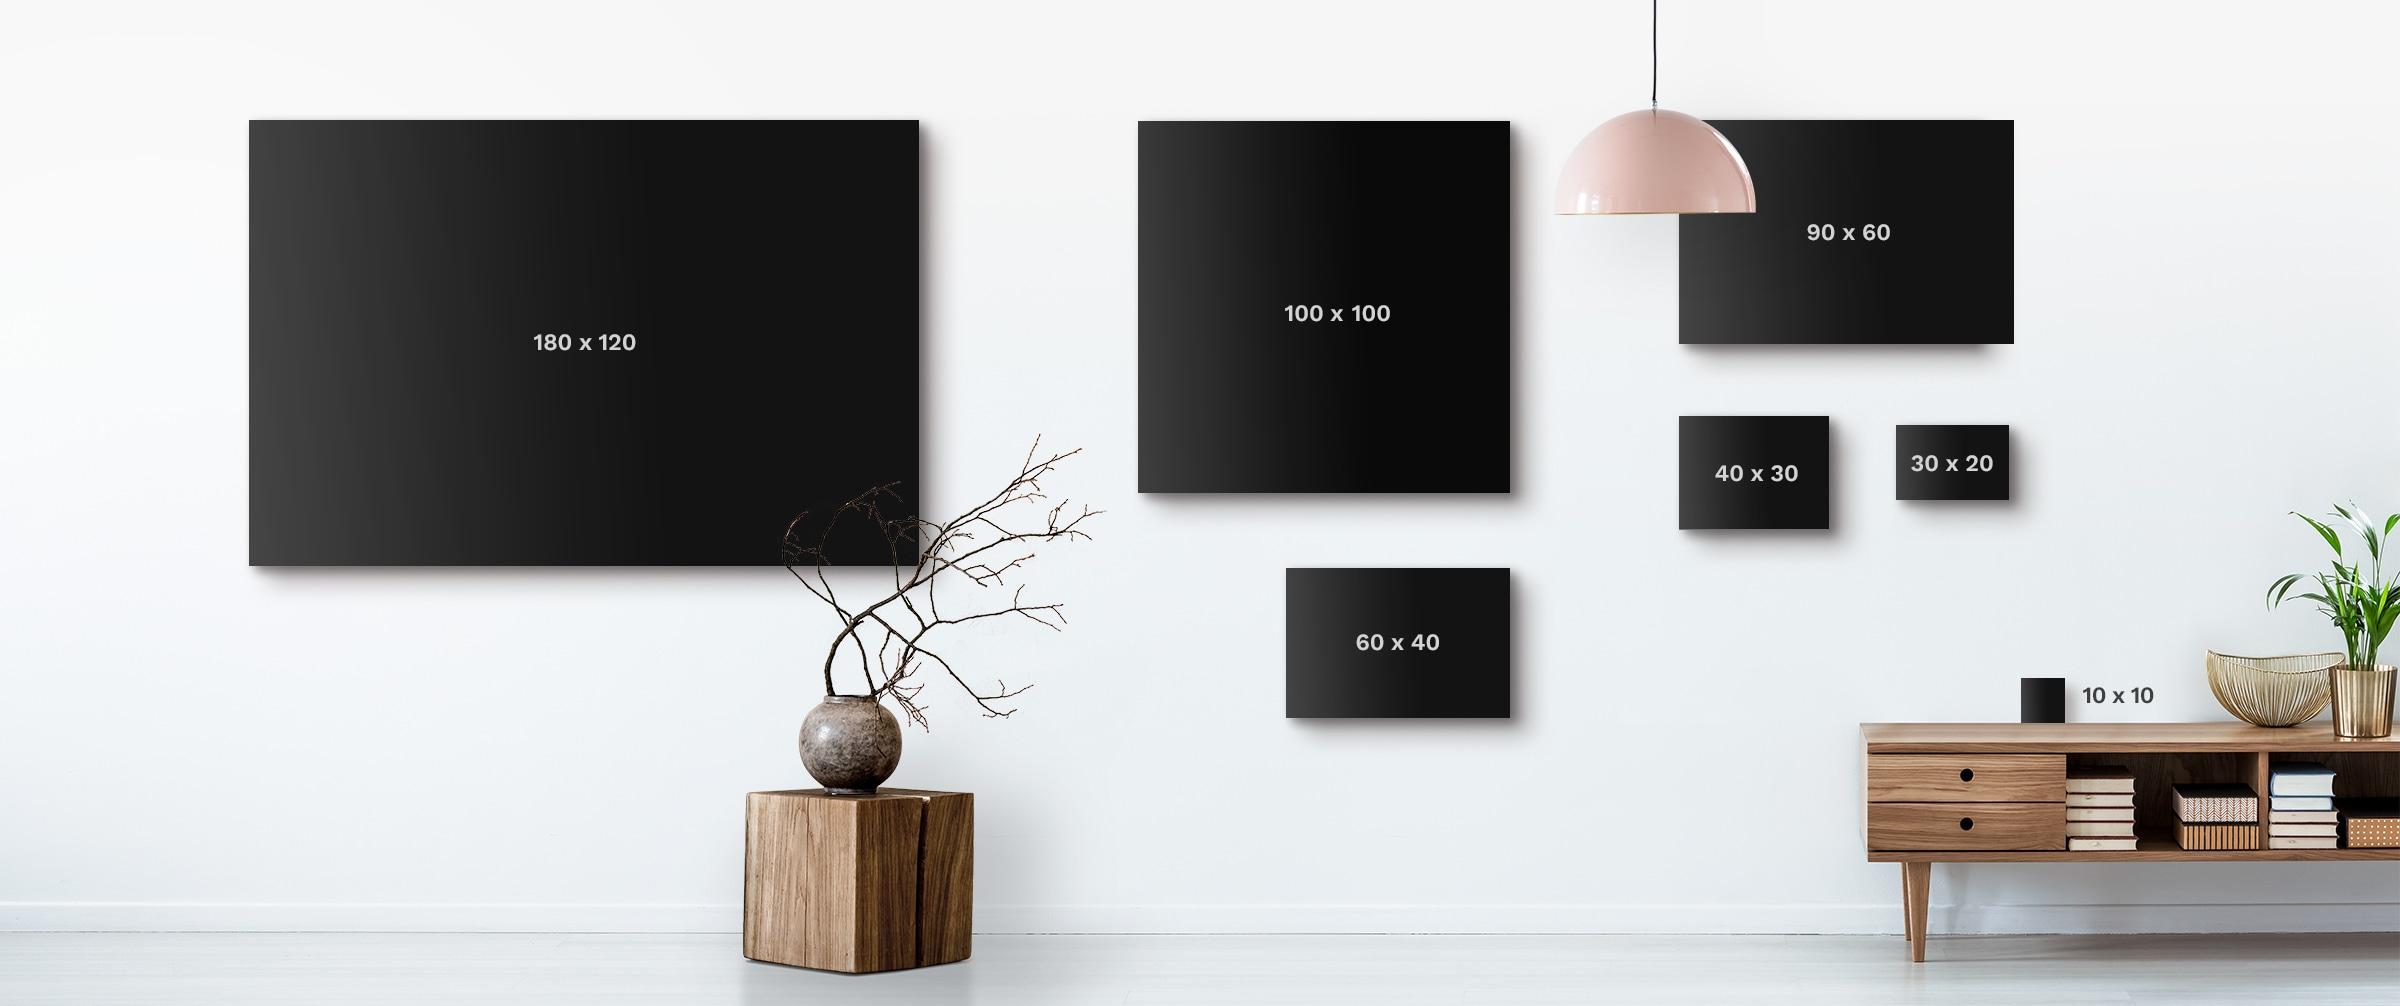 size-frise-prints (1).jpg